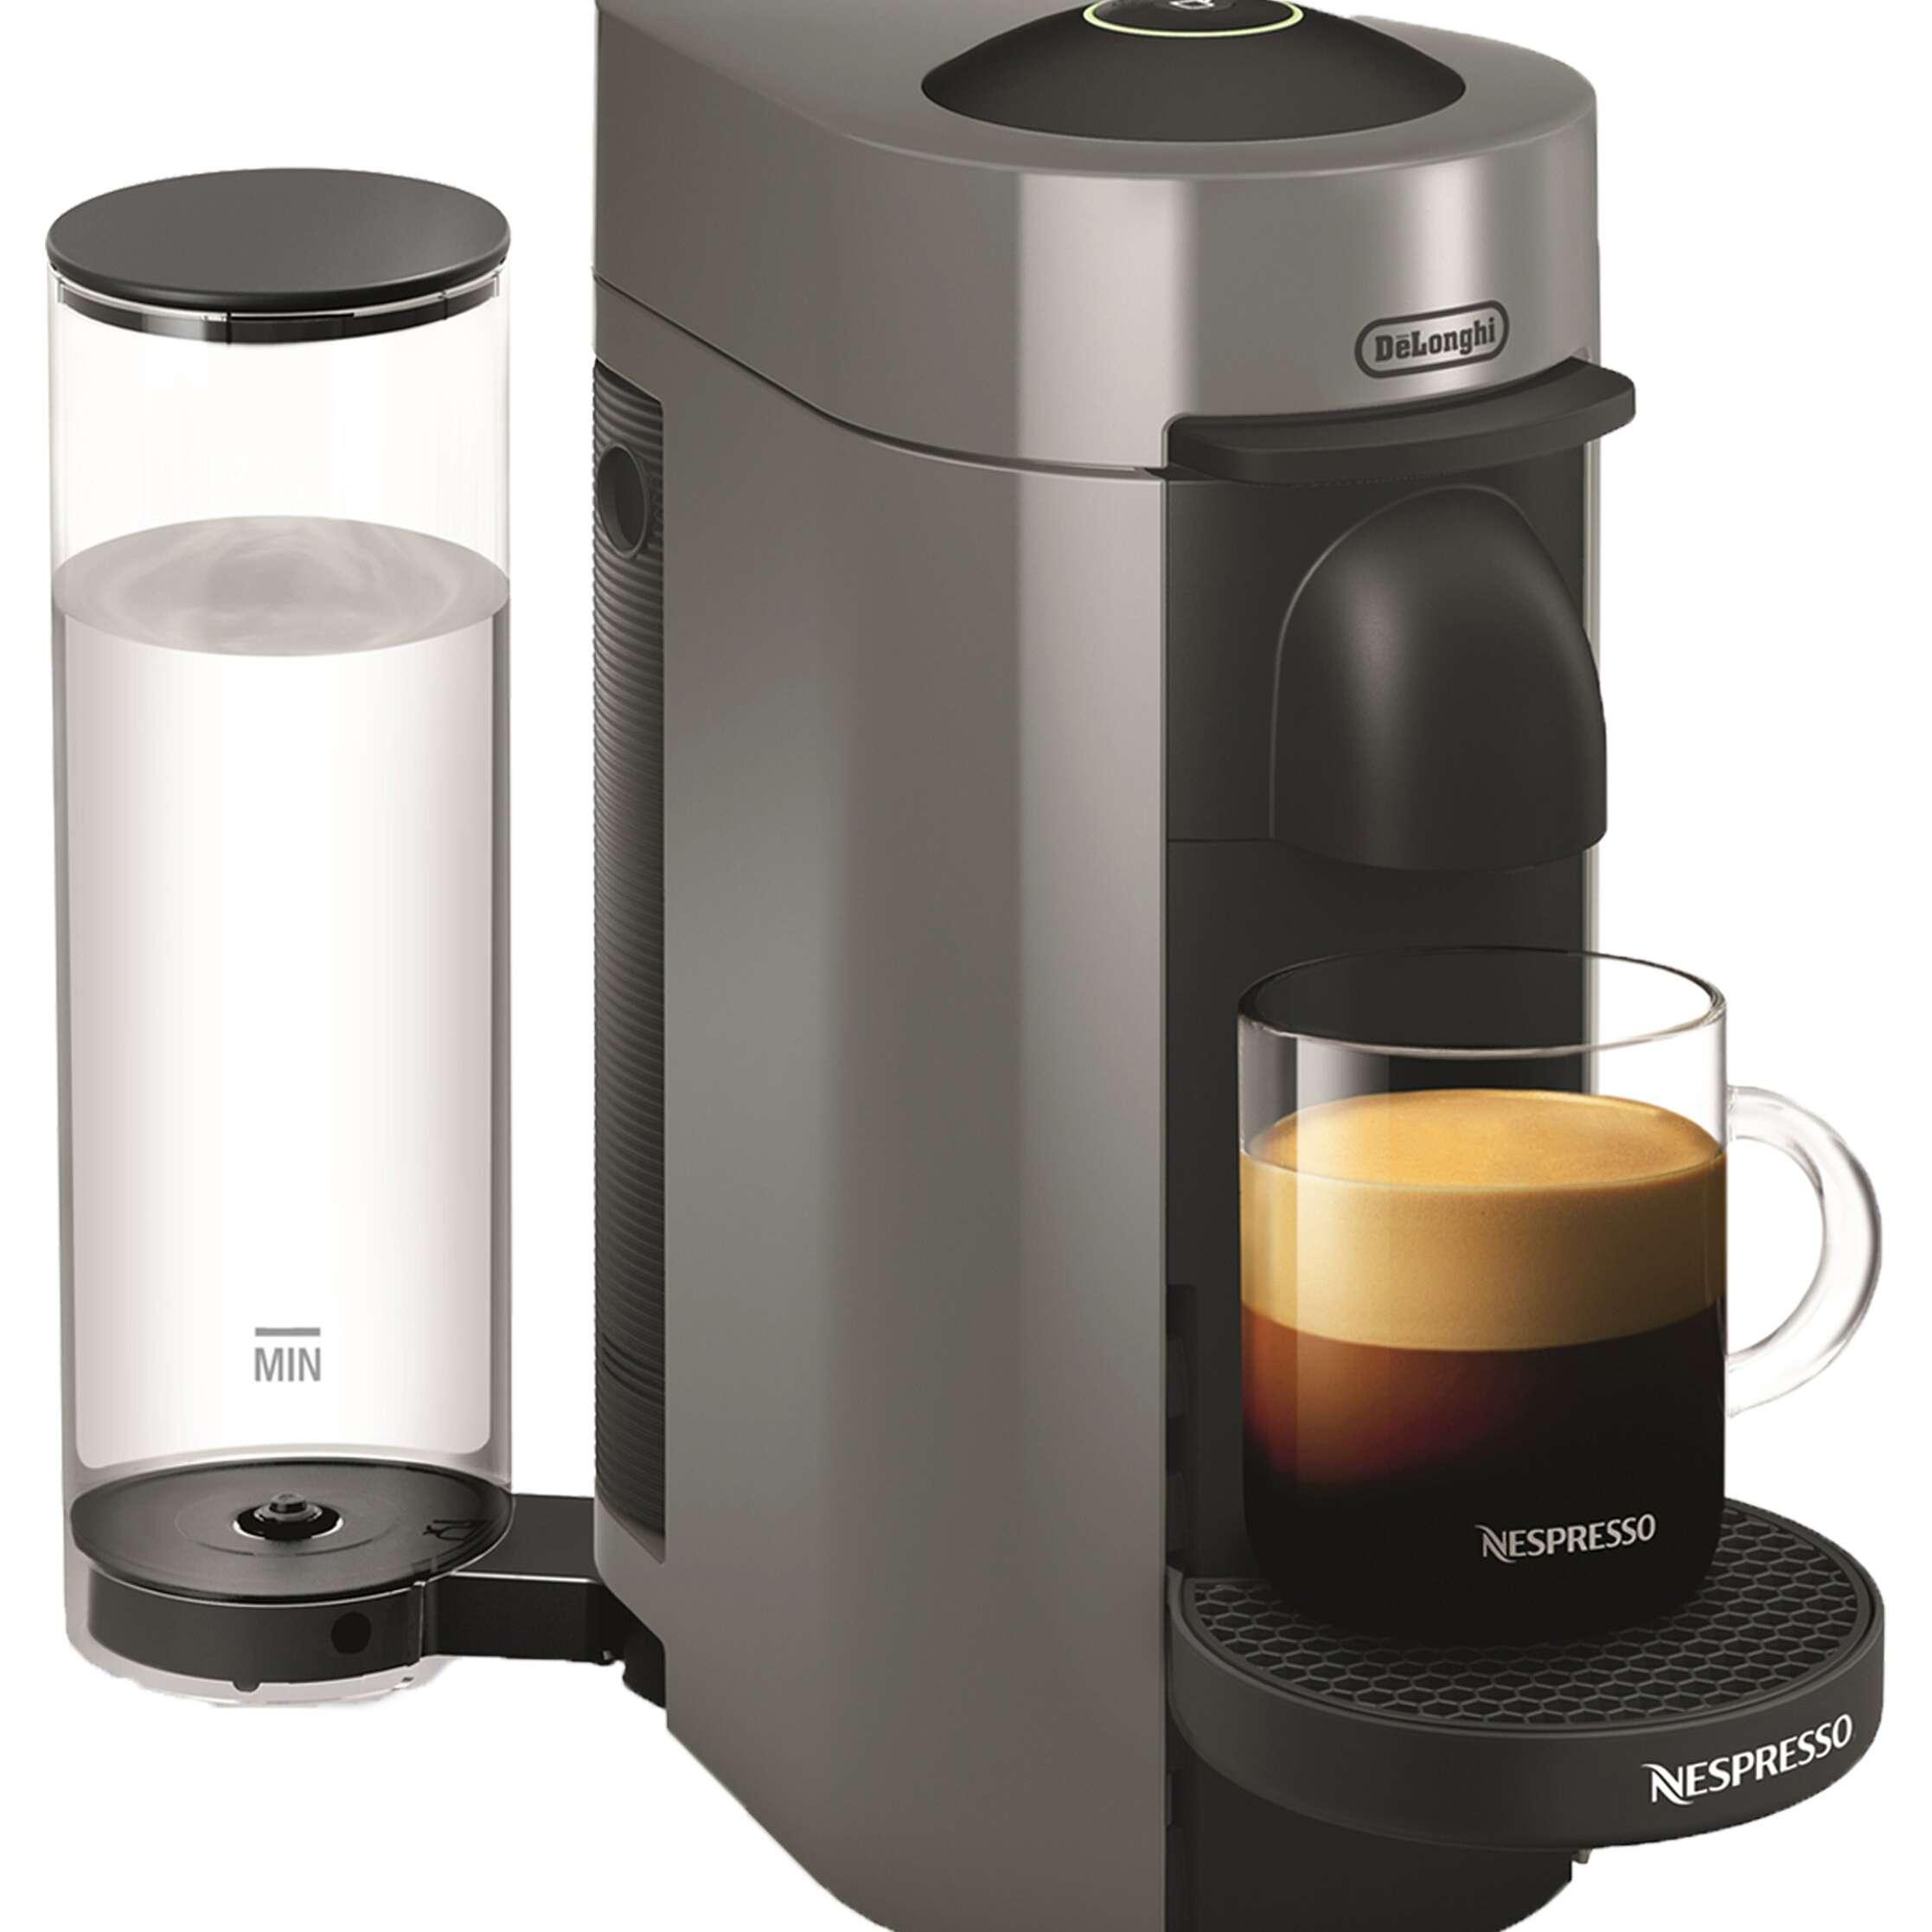 Nespresso VertuoPlus Coffee & Espresso Machine by DeLonghi